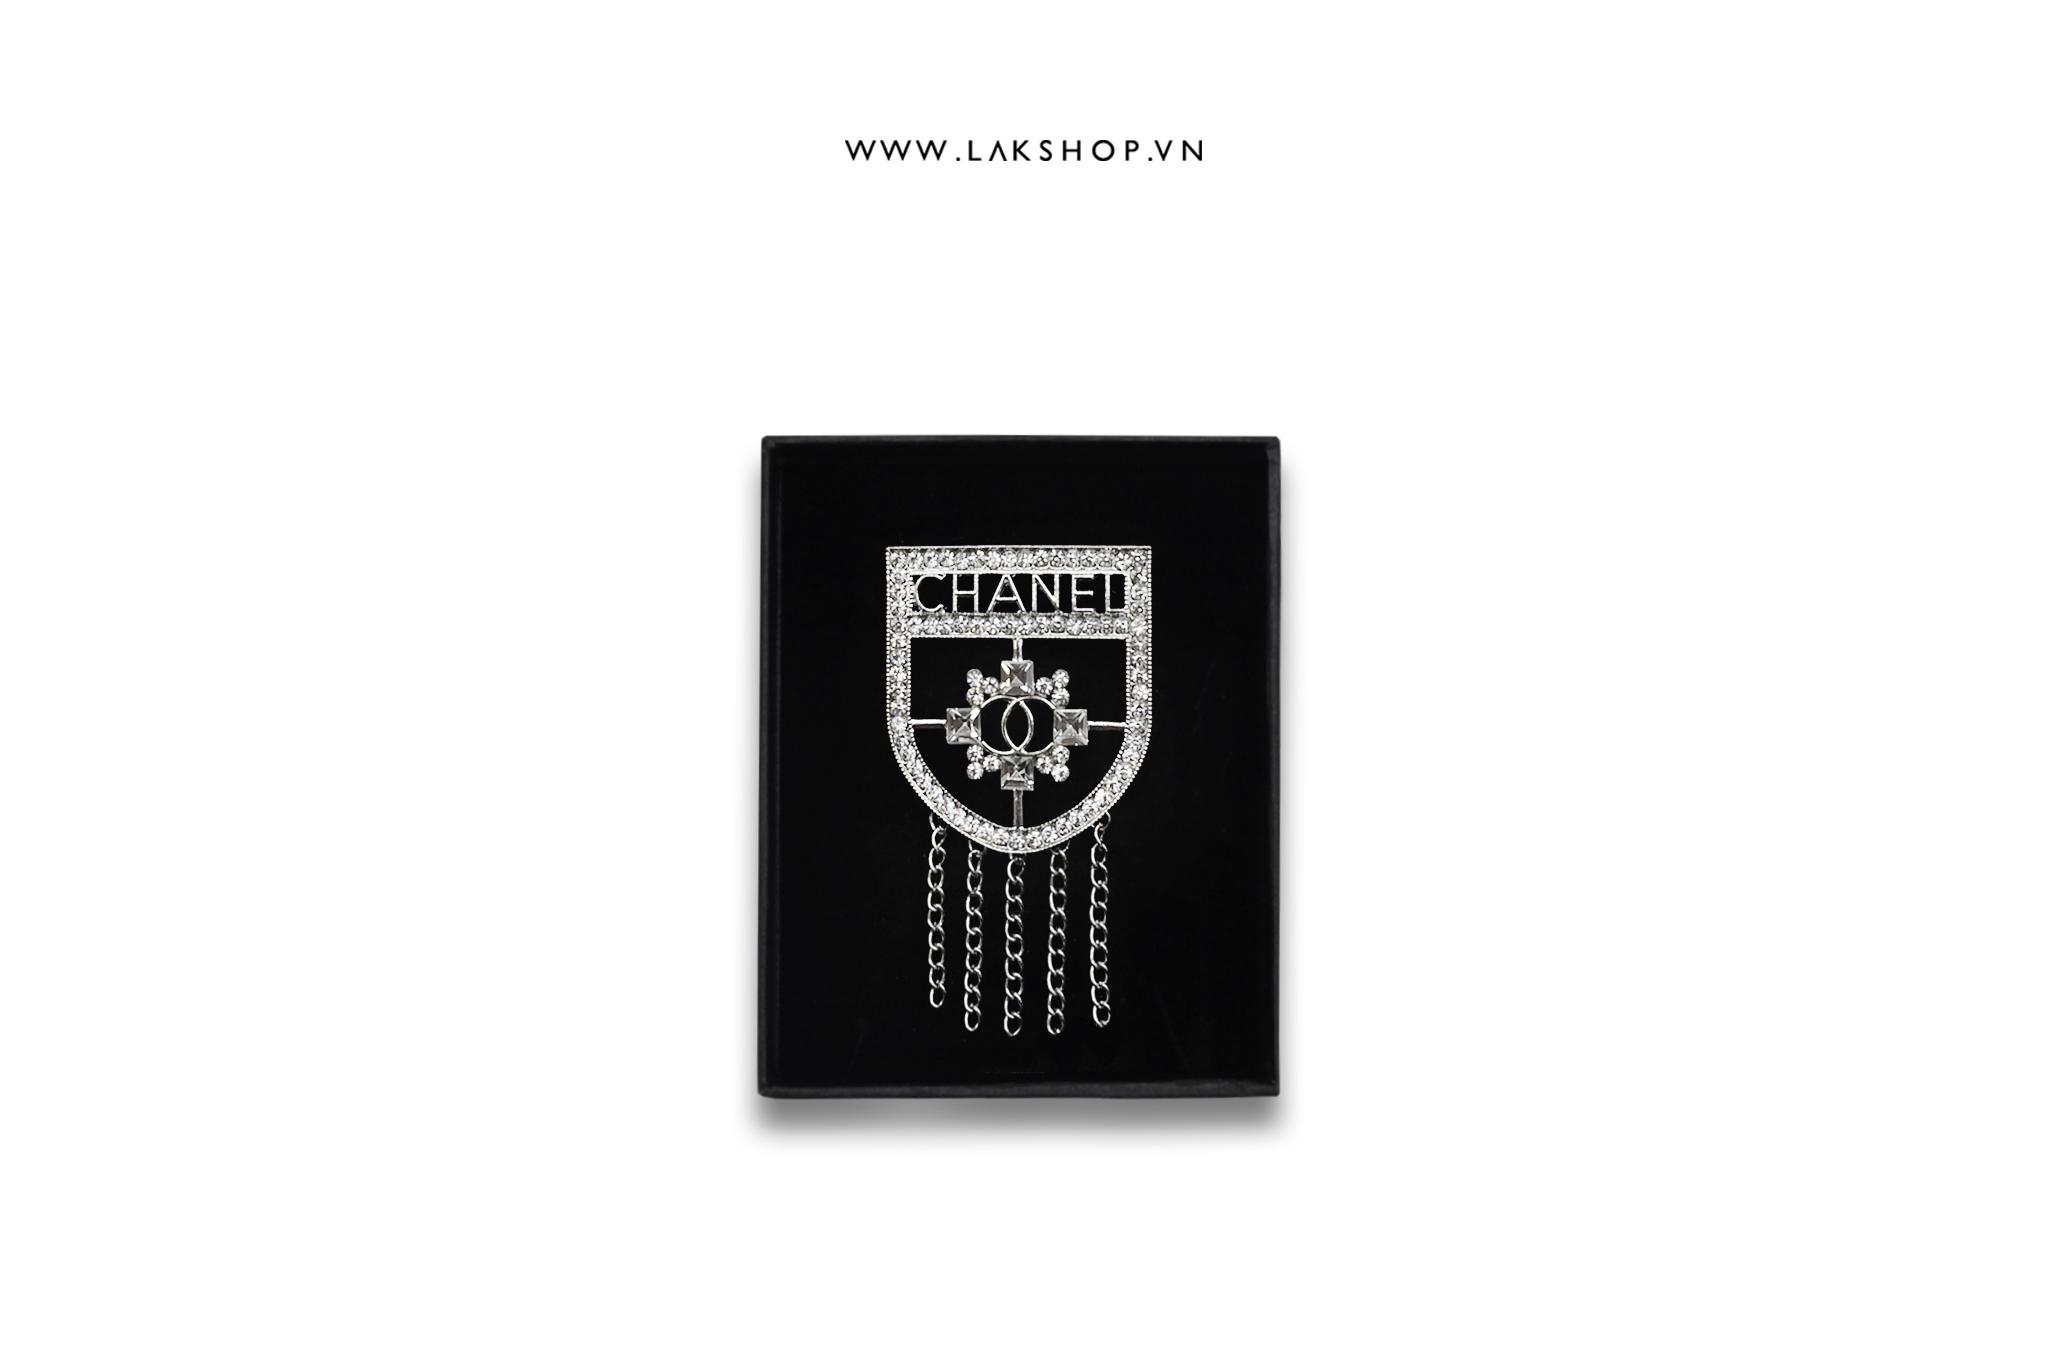 Trâm cài Logo Chanel Thủy Thủ Đính Đá Dây Xích